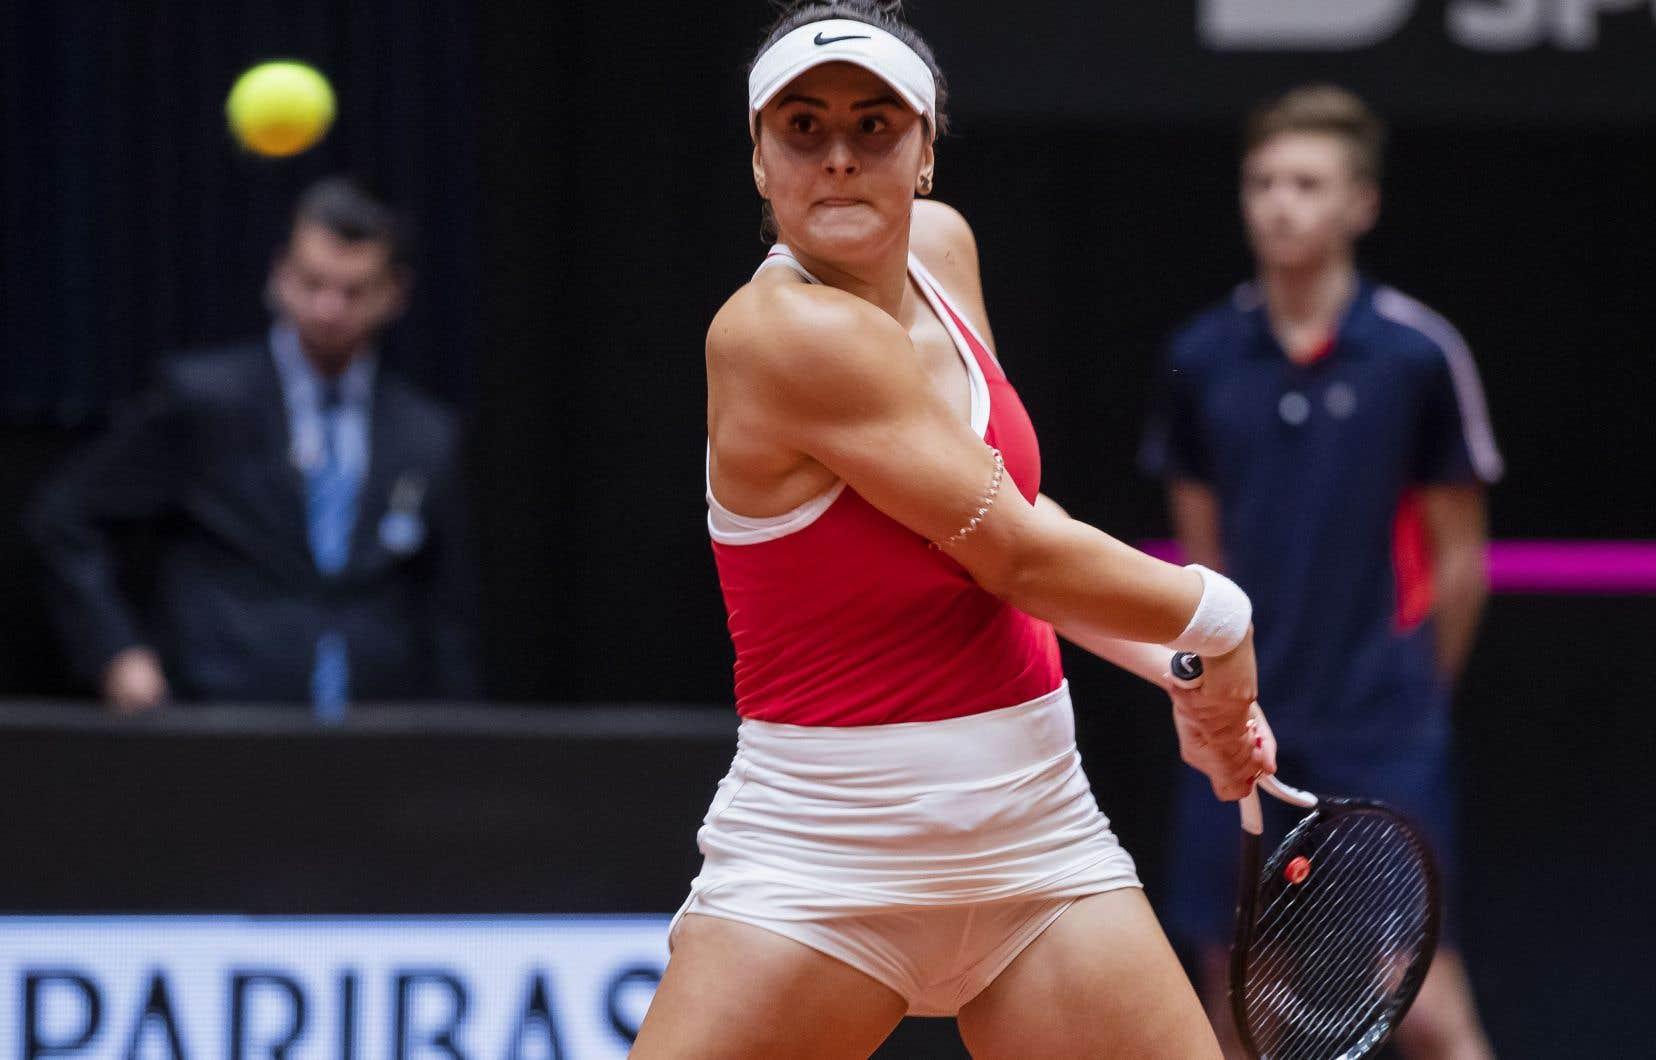 Bianca Andreescu a totalisé 21 coups gagnants contre Hogenkamp, samedi, et sa fiche est désormais de 9-3 à la Fed Cup.